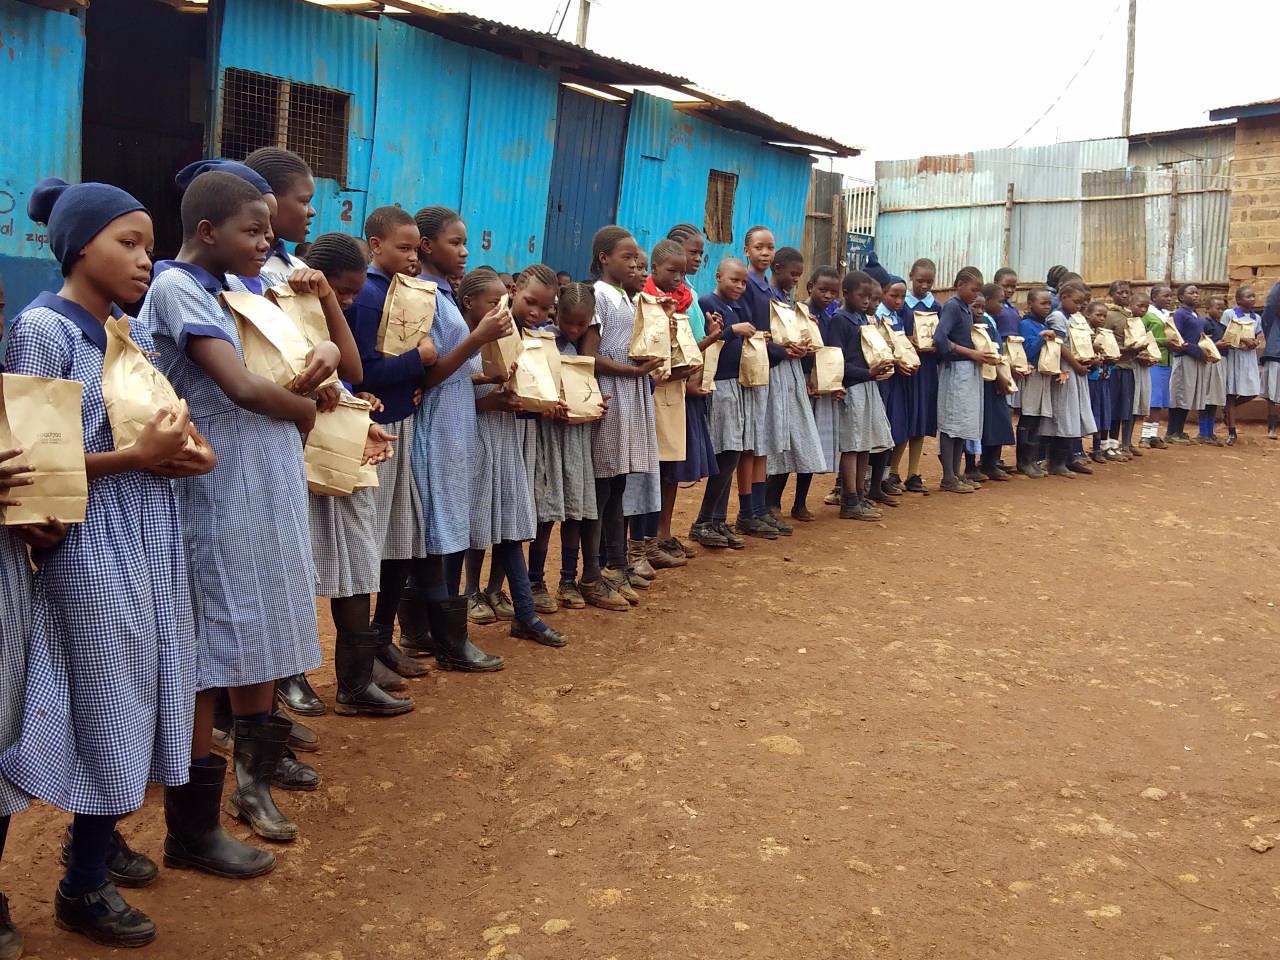 People. Reusable sanitary pads